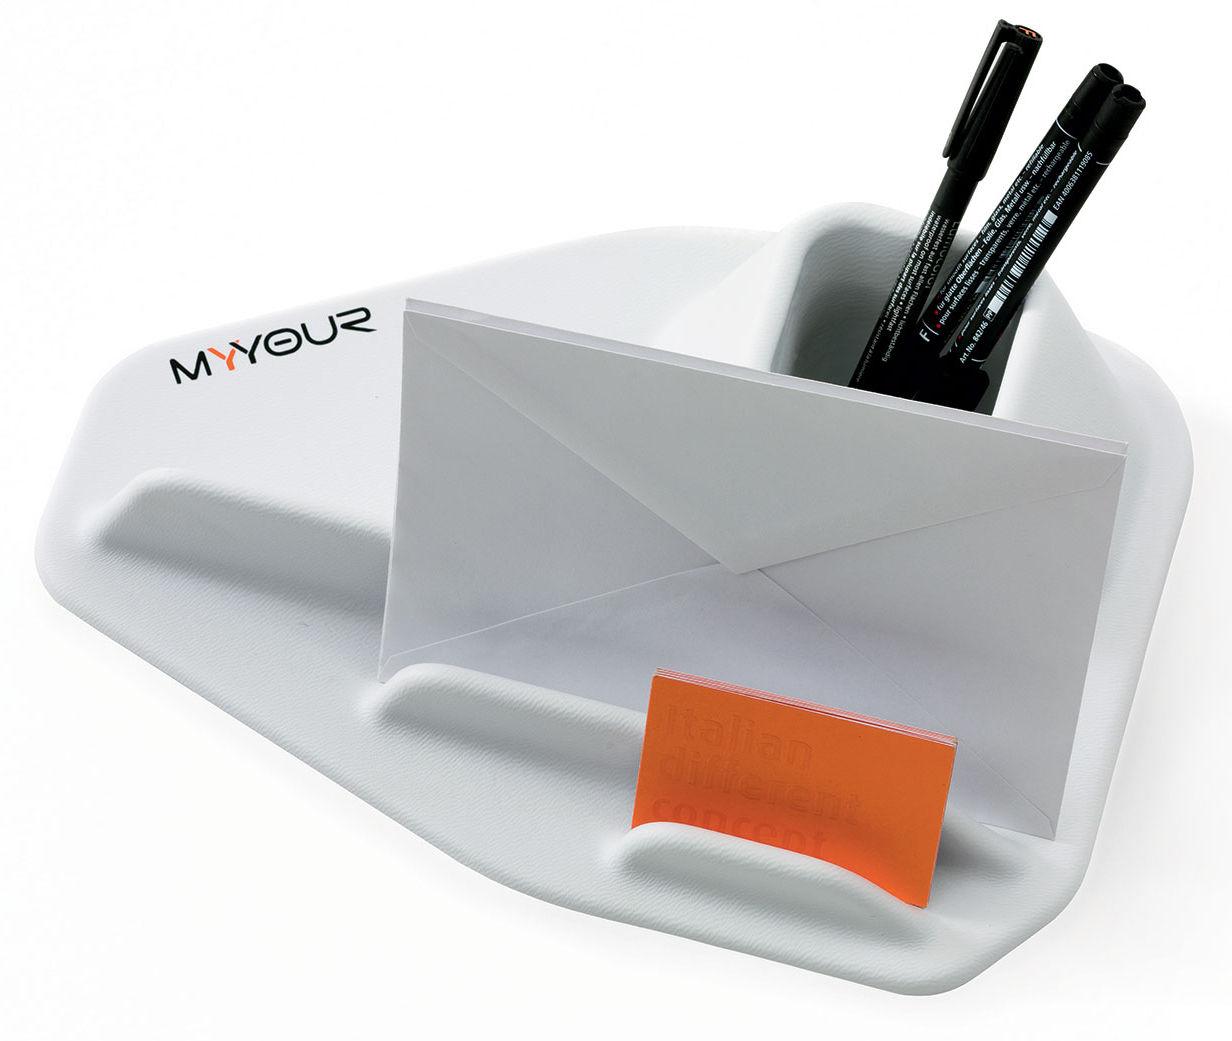 island schreibtisch organizer wei by myyour made in design. Black Bedroom Furniture Sets. Home Design Ideas